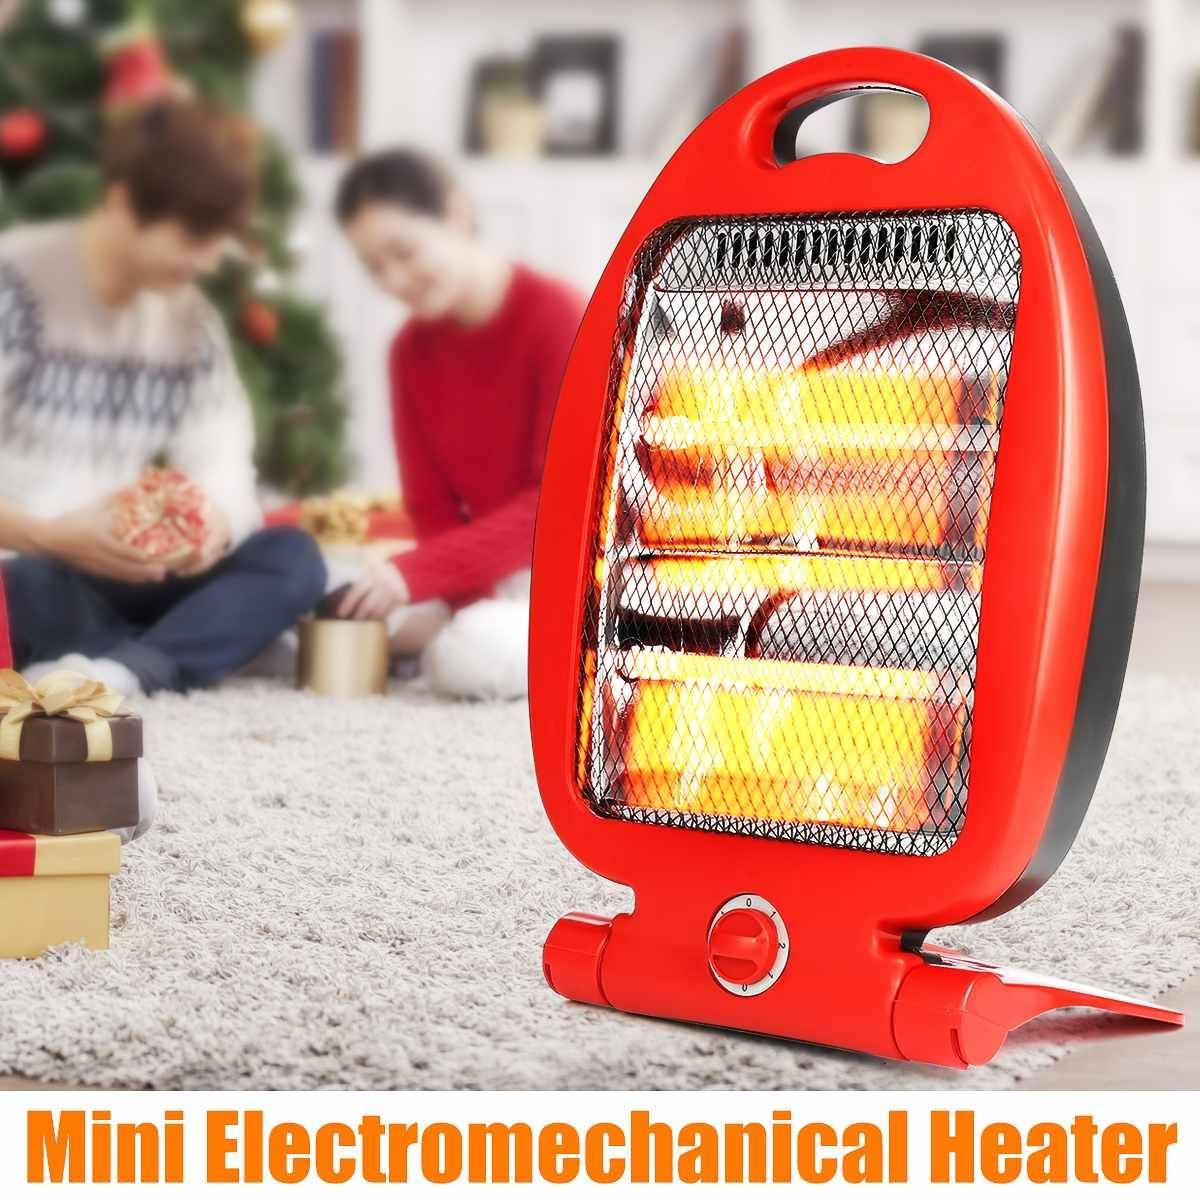 220V 800W portáteis aquecedores elétricos ajustável Mini Microelectronic inverno Aquecedor Quente Mini Eletromecânica aquecedor para Home